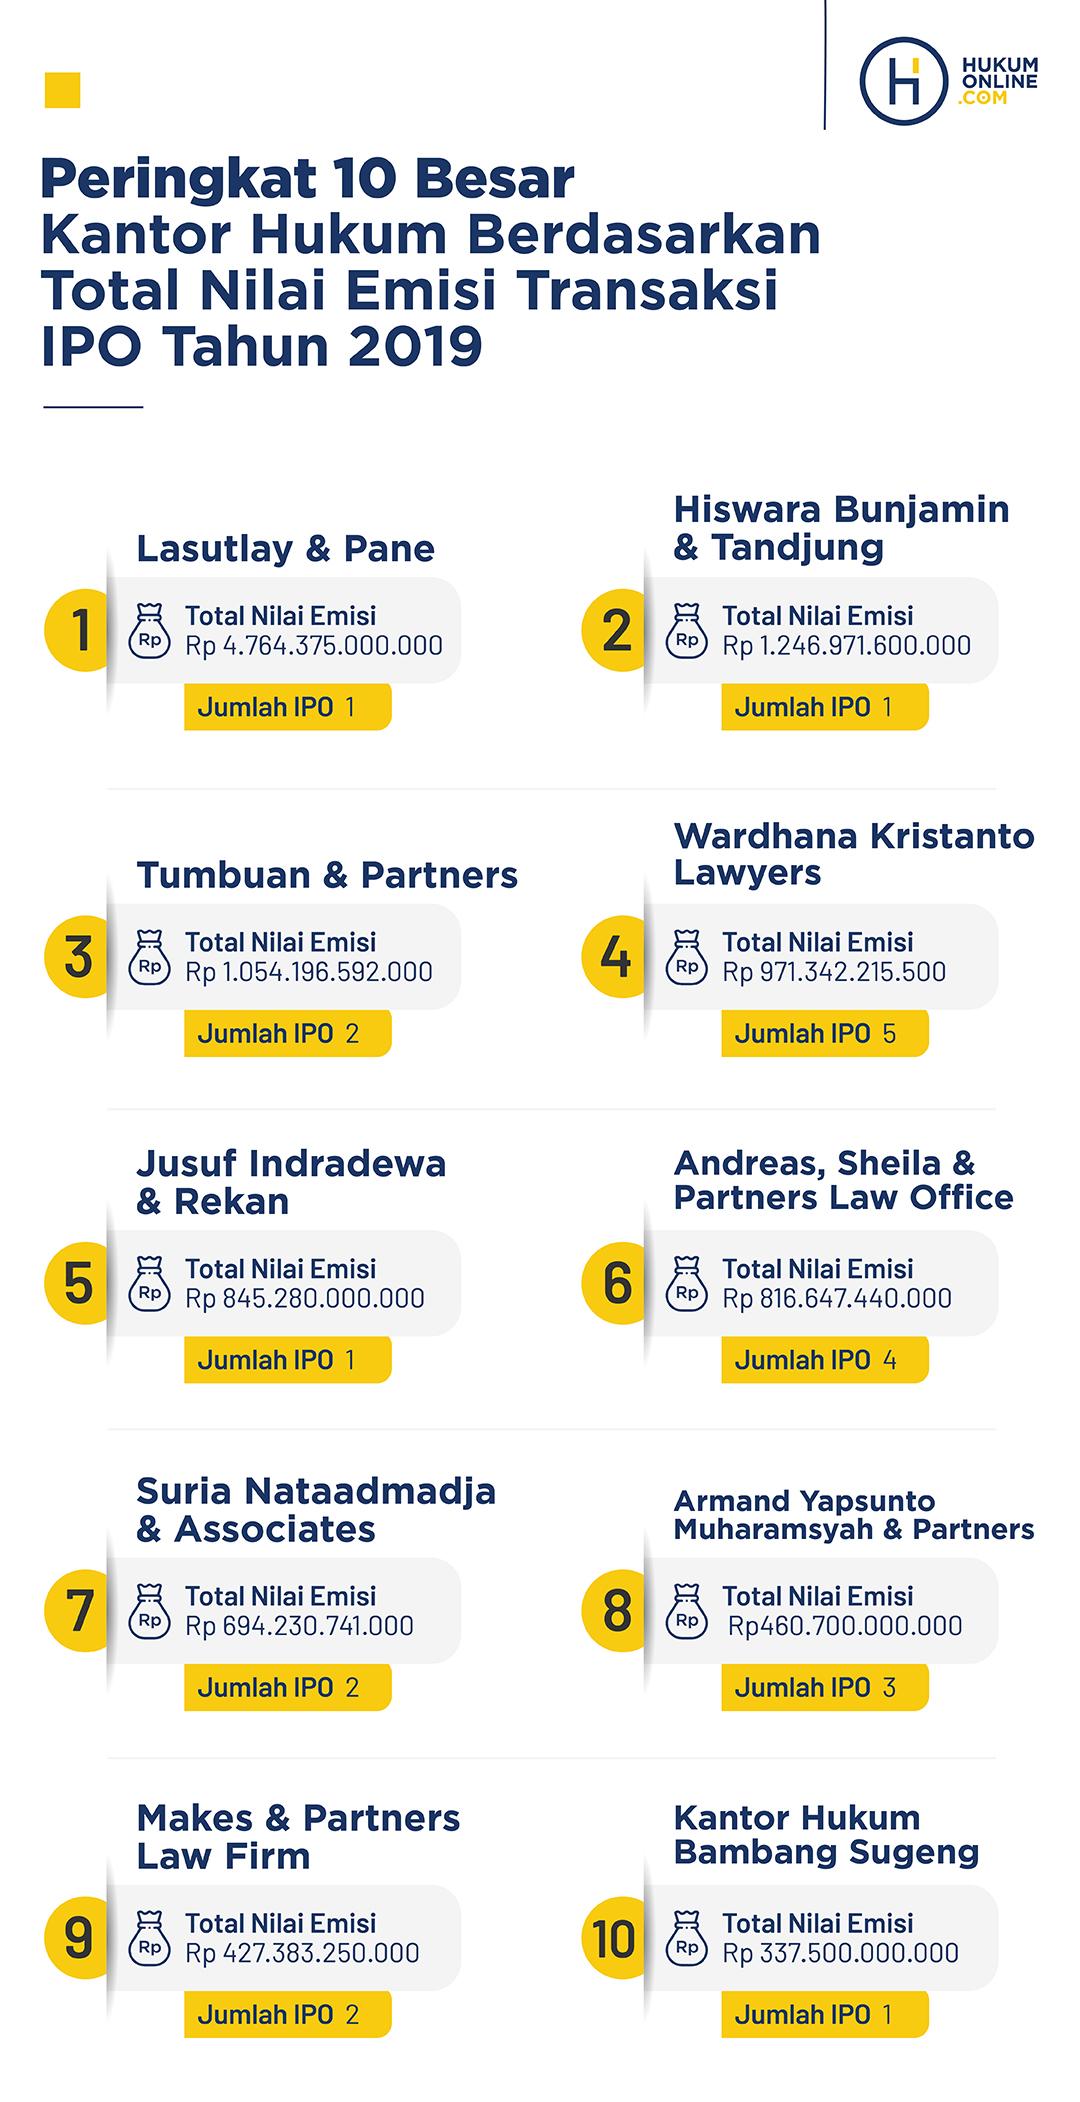 Peringkat 10 Besar Kantor Hukum